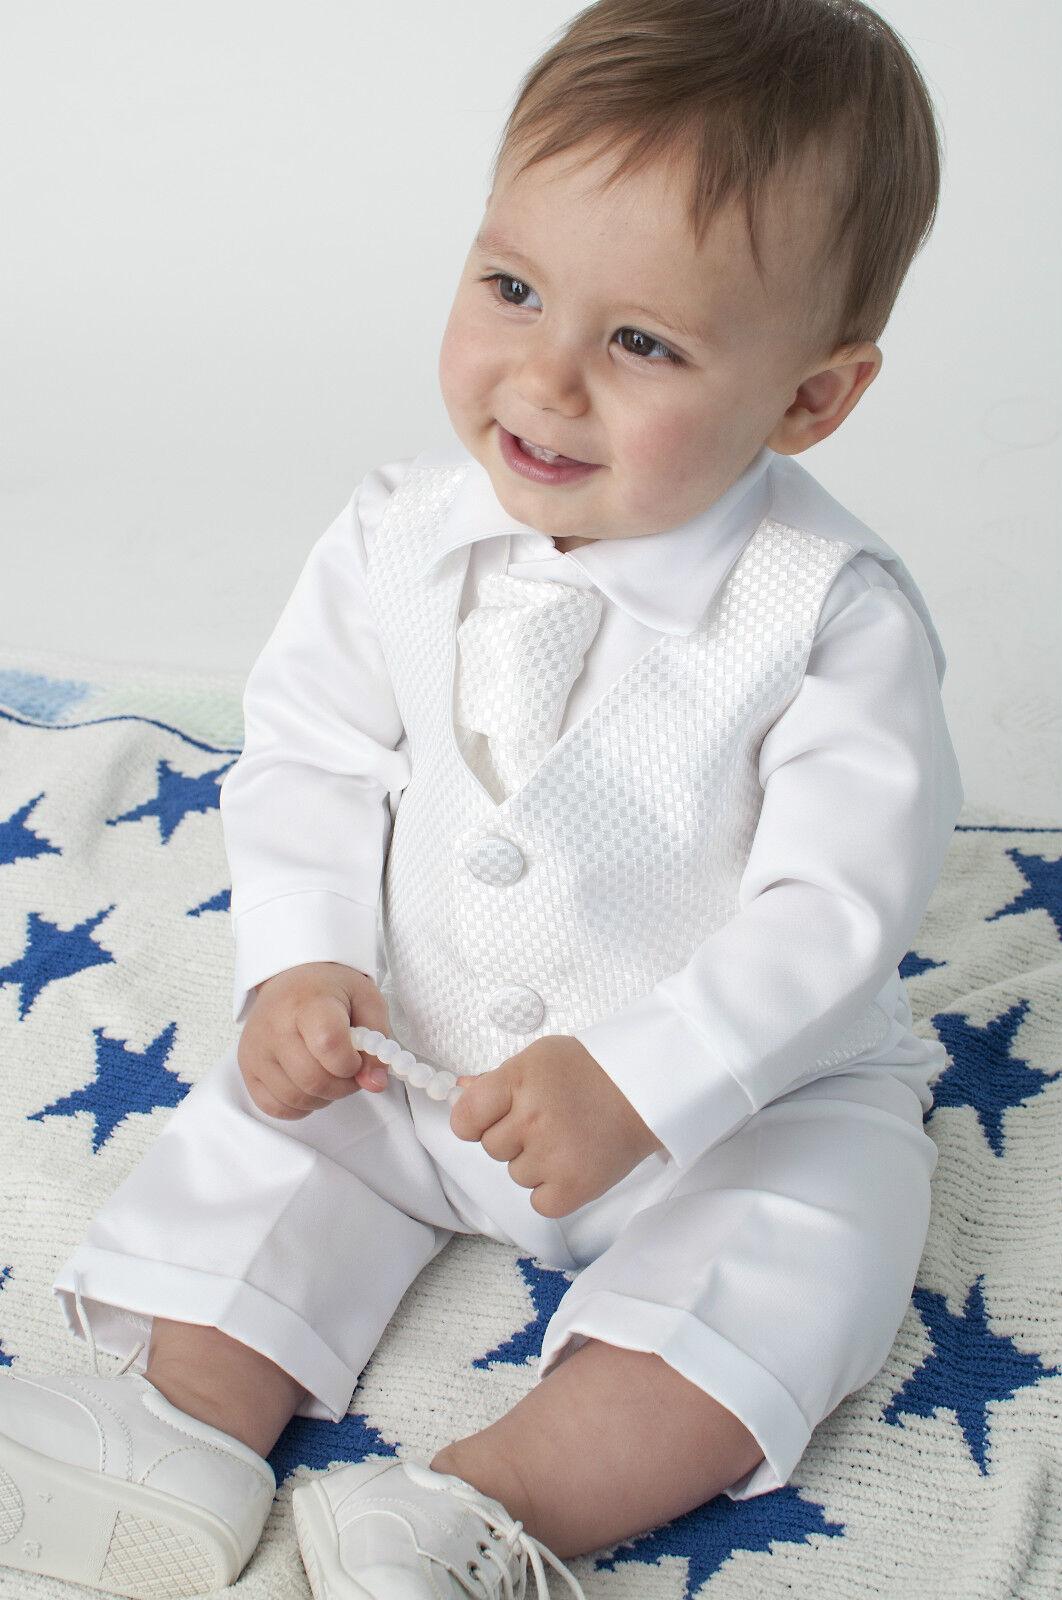 a2a230b44 Bebé Chicos De 4 Piezas Bautizo Outfit   Bautizo Traje cuadros en blanco